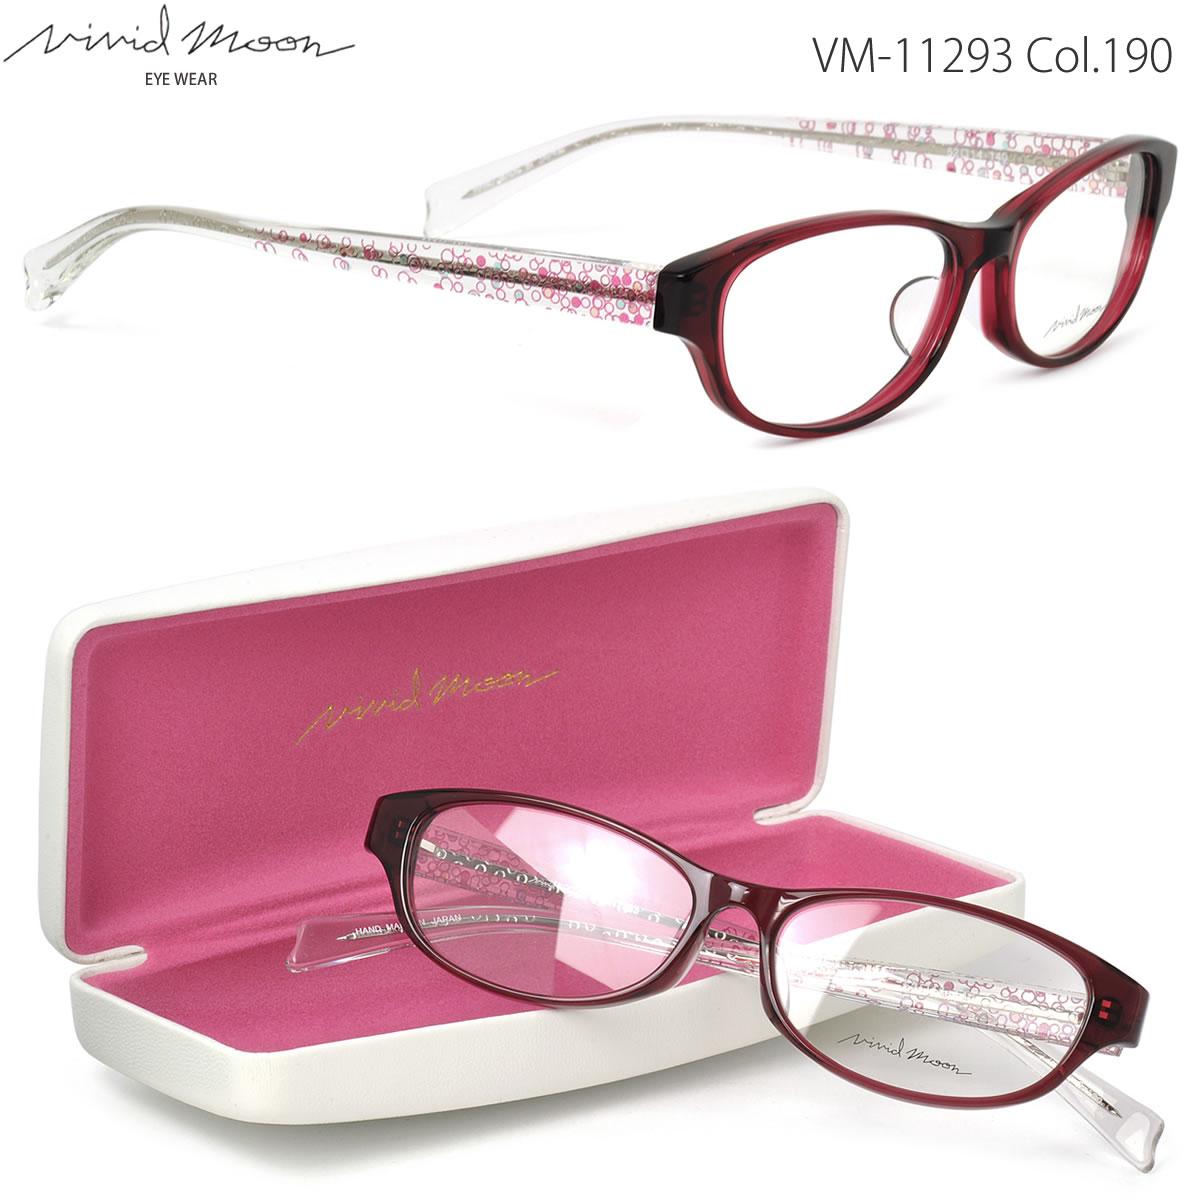 ポイント最大42倍!!お得なクーポンも !! 【VIVID MOON】 (ビビッドムーン) メガネ フレーム VM-11293 190 52サイズ ヴィヴィッドムーン VIVID MOON 伊達メガネ用レンズ無料 レディース